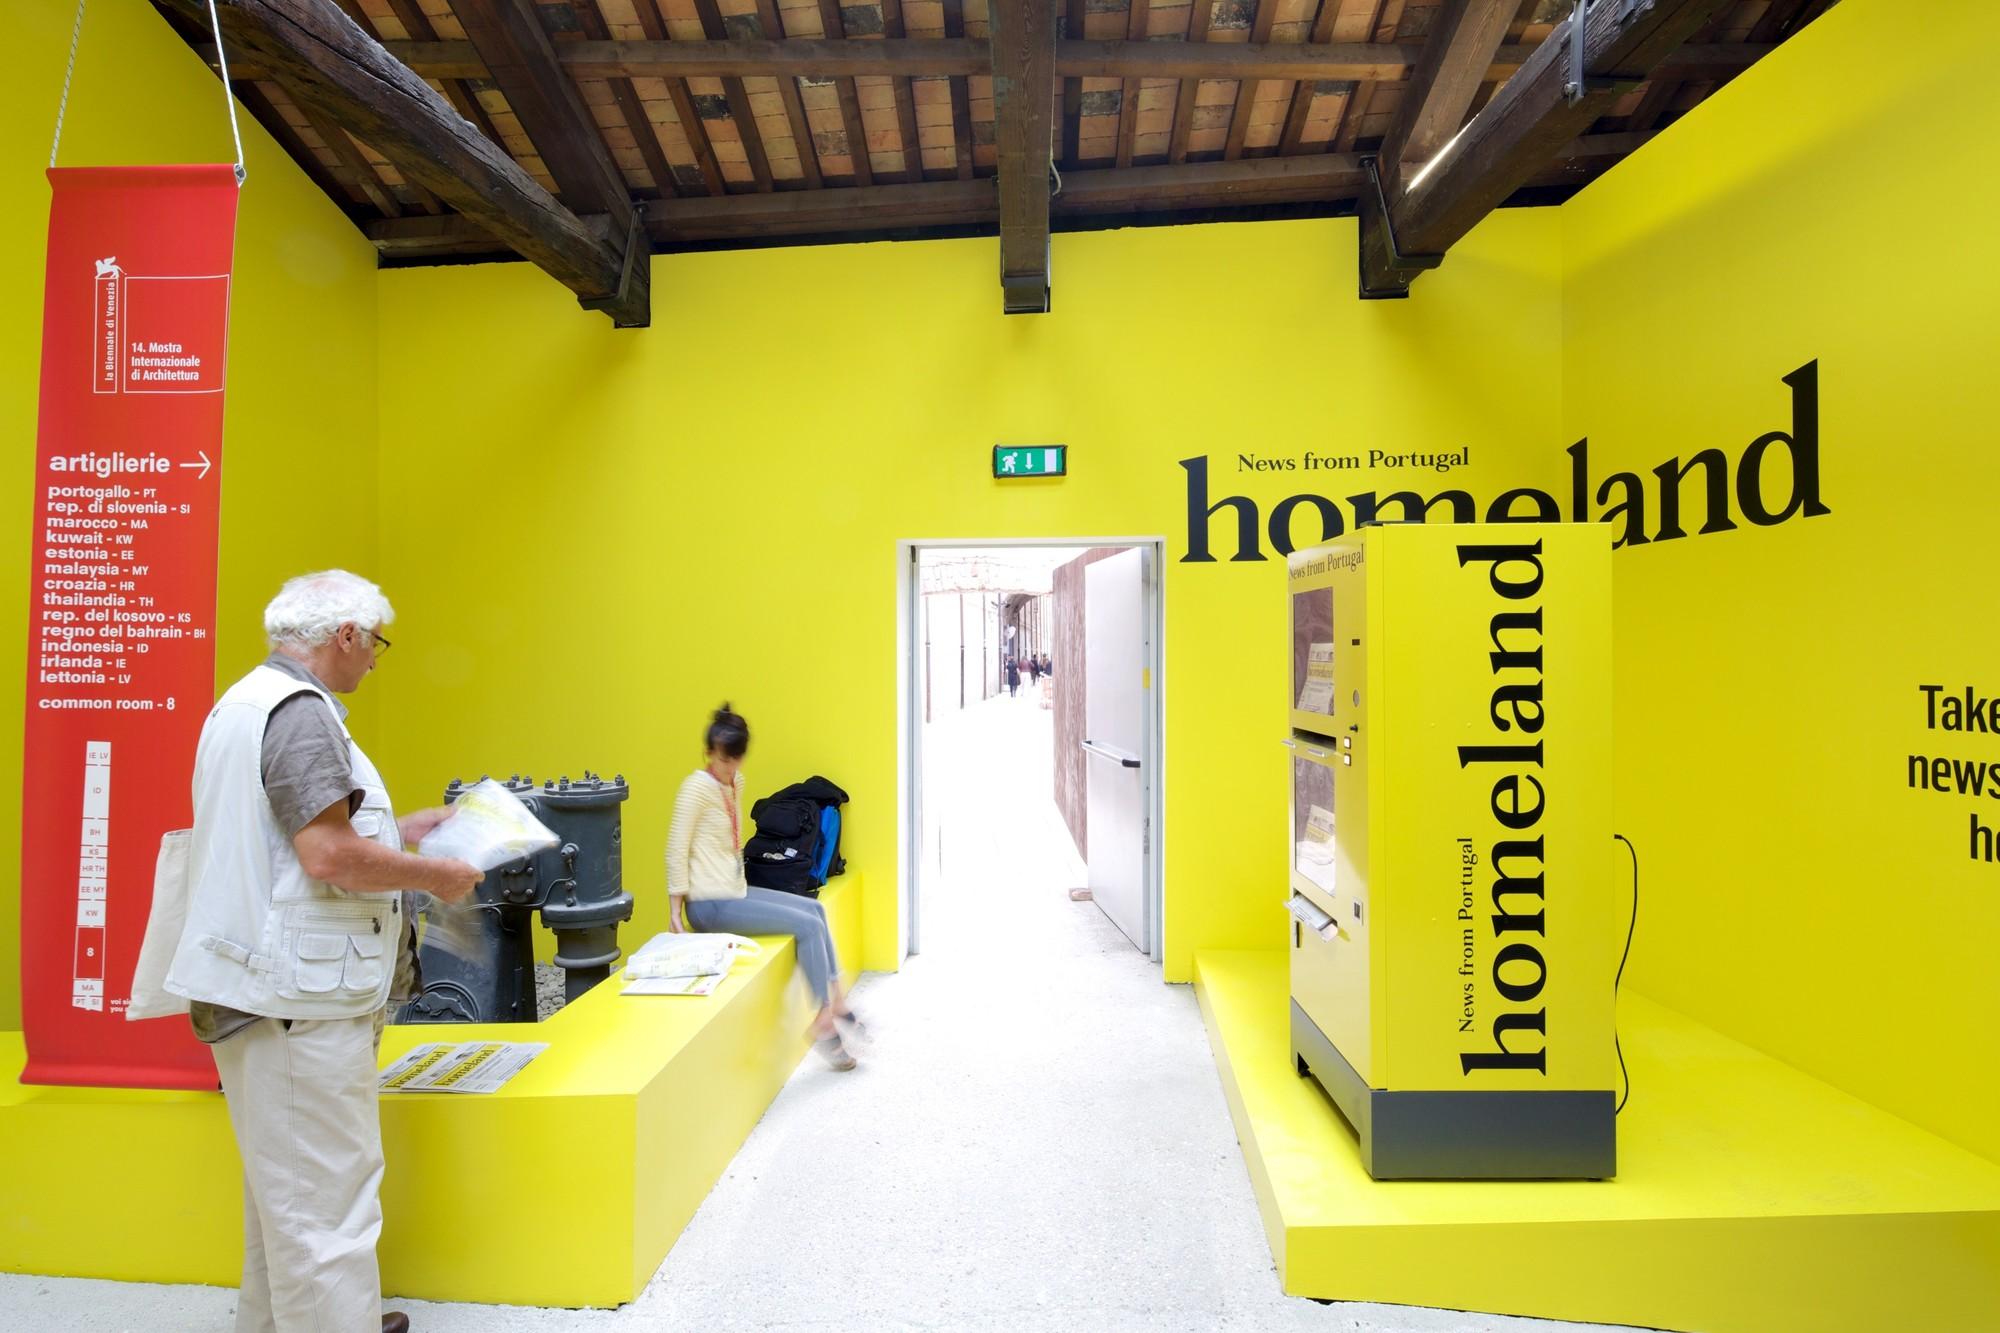 Homeland, News from Portugal / Pavilhão de Portugal, © Nico Saieh